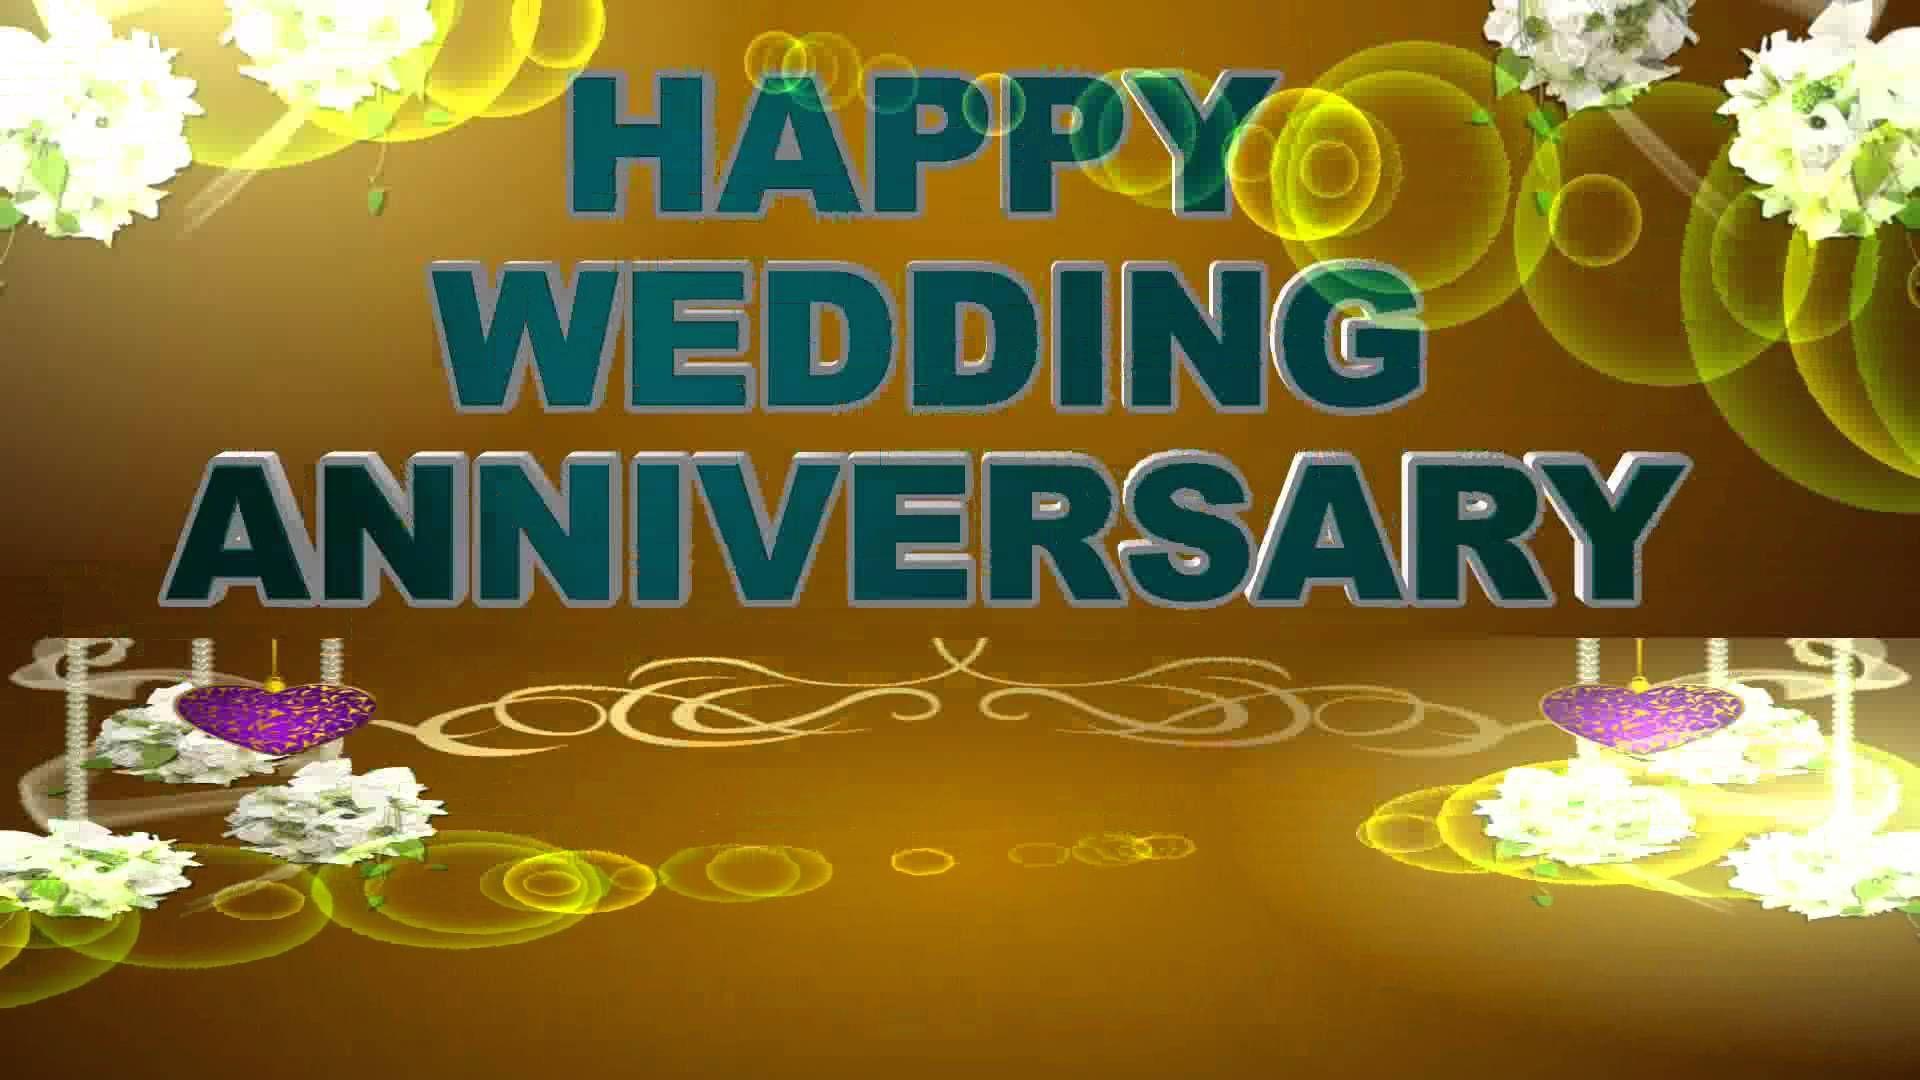 Happy Anniversary Greetings Wedding Anniversary Wishes Wedding